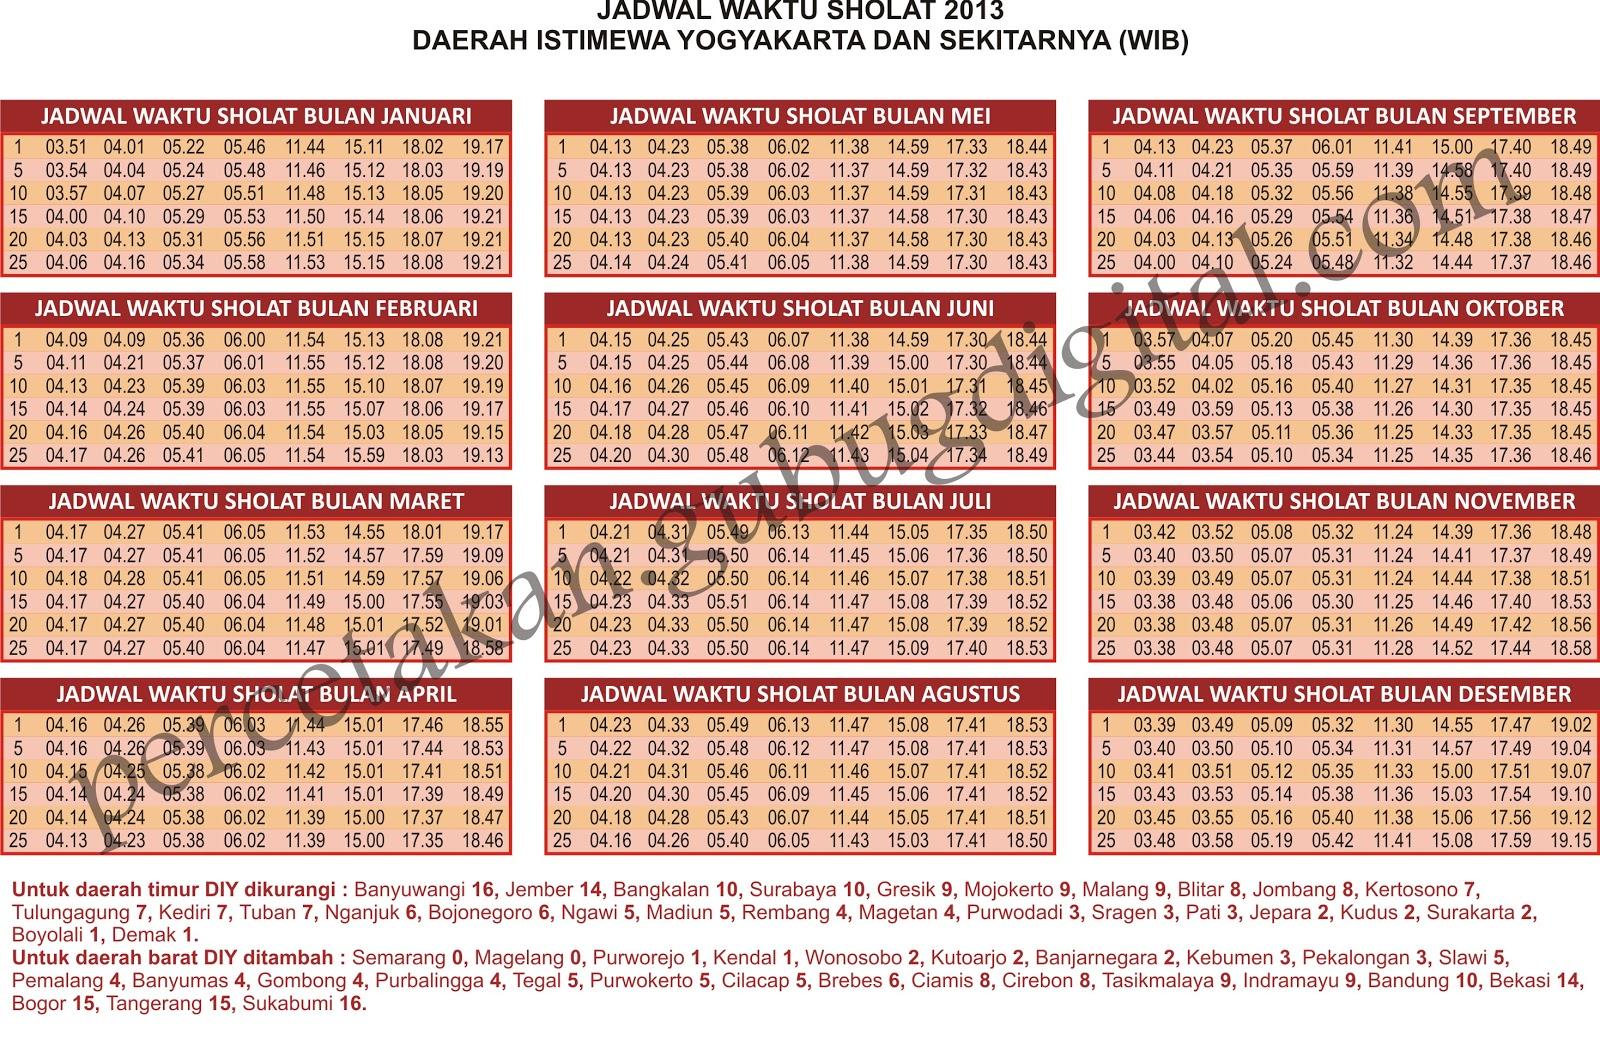 Kalender Pendidikan 2015 Departemen Agama Kalender 2018 Departemen Agama 10 Images Kalender